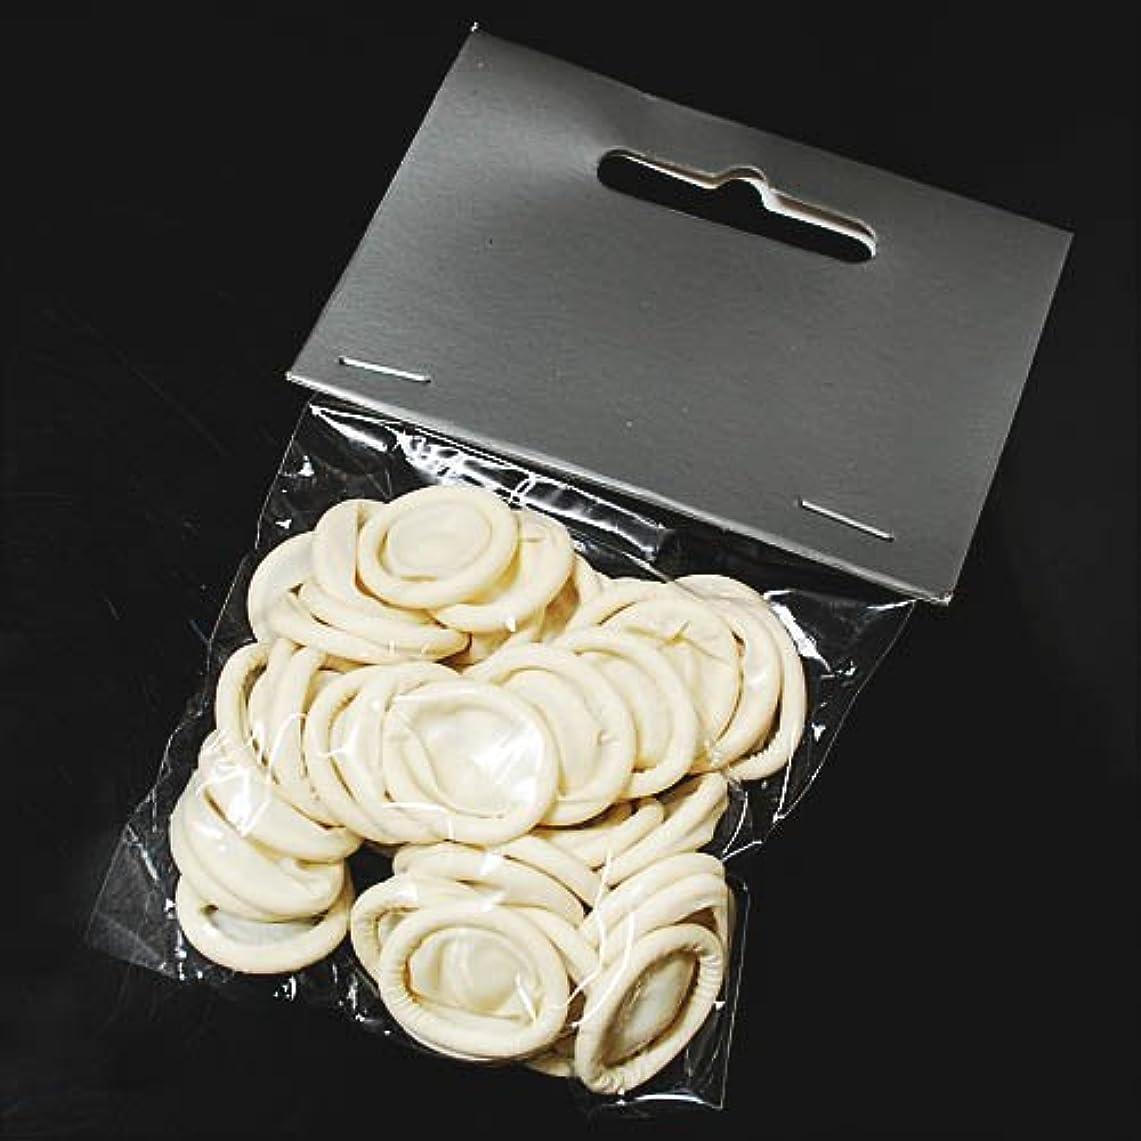 リベラルオート箱ジェルネイル のオフに使える ジェルネイルオフカバー [50個] フィンガーキャップ